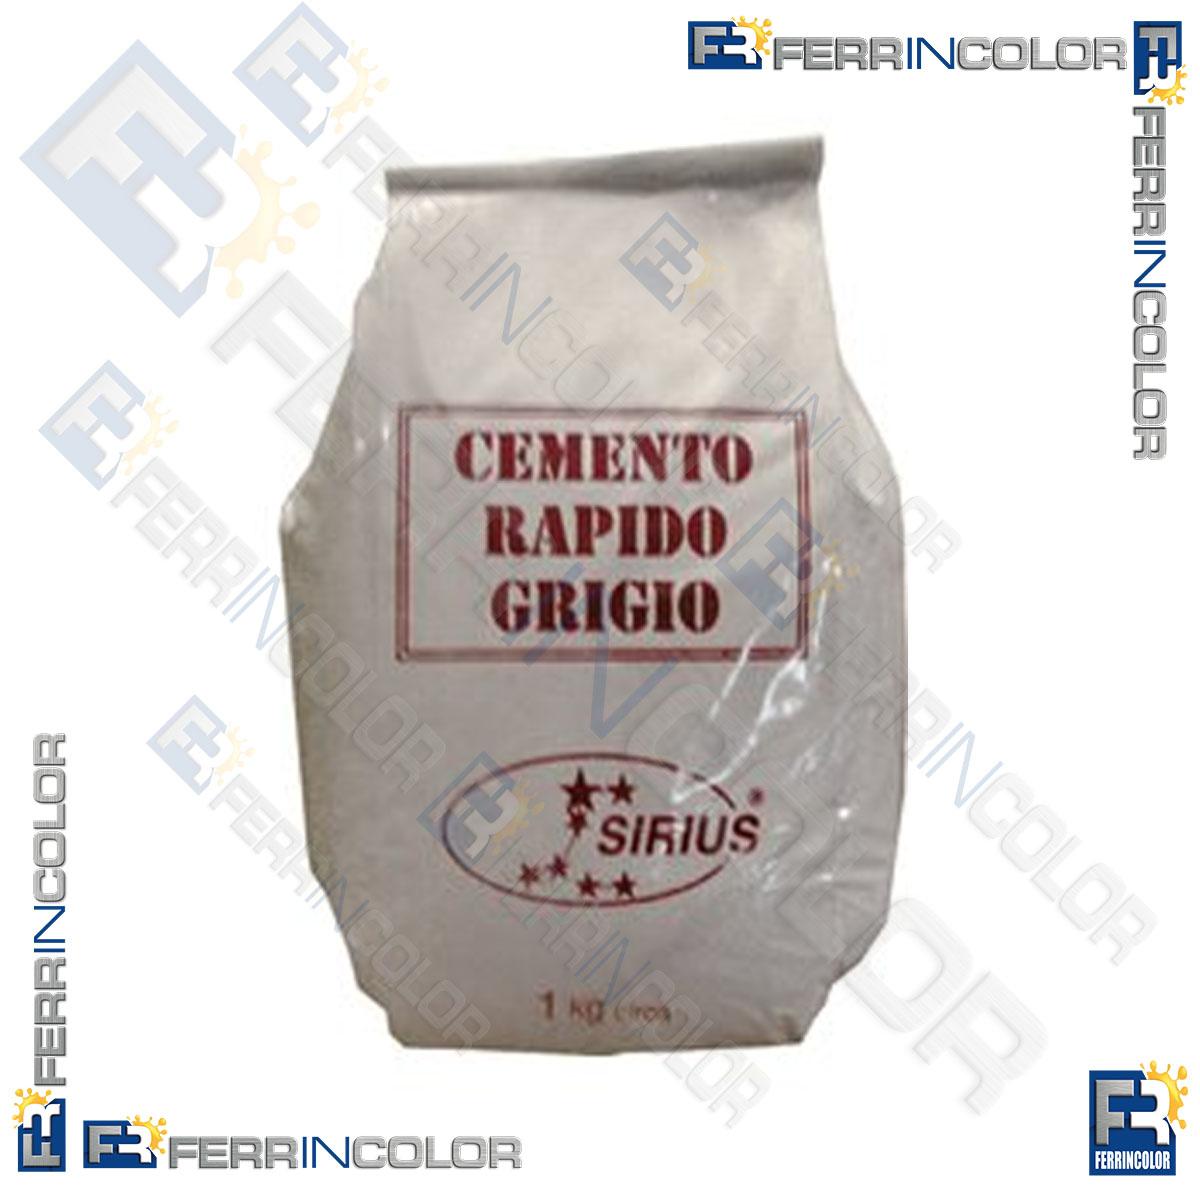 Cemento rapido grigio kg 1 ferrincolor - Cemento rapido precio ...